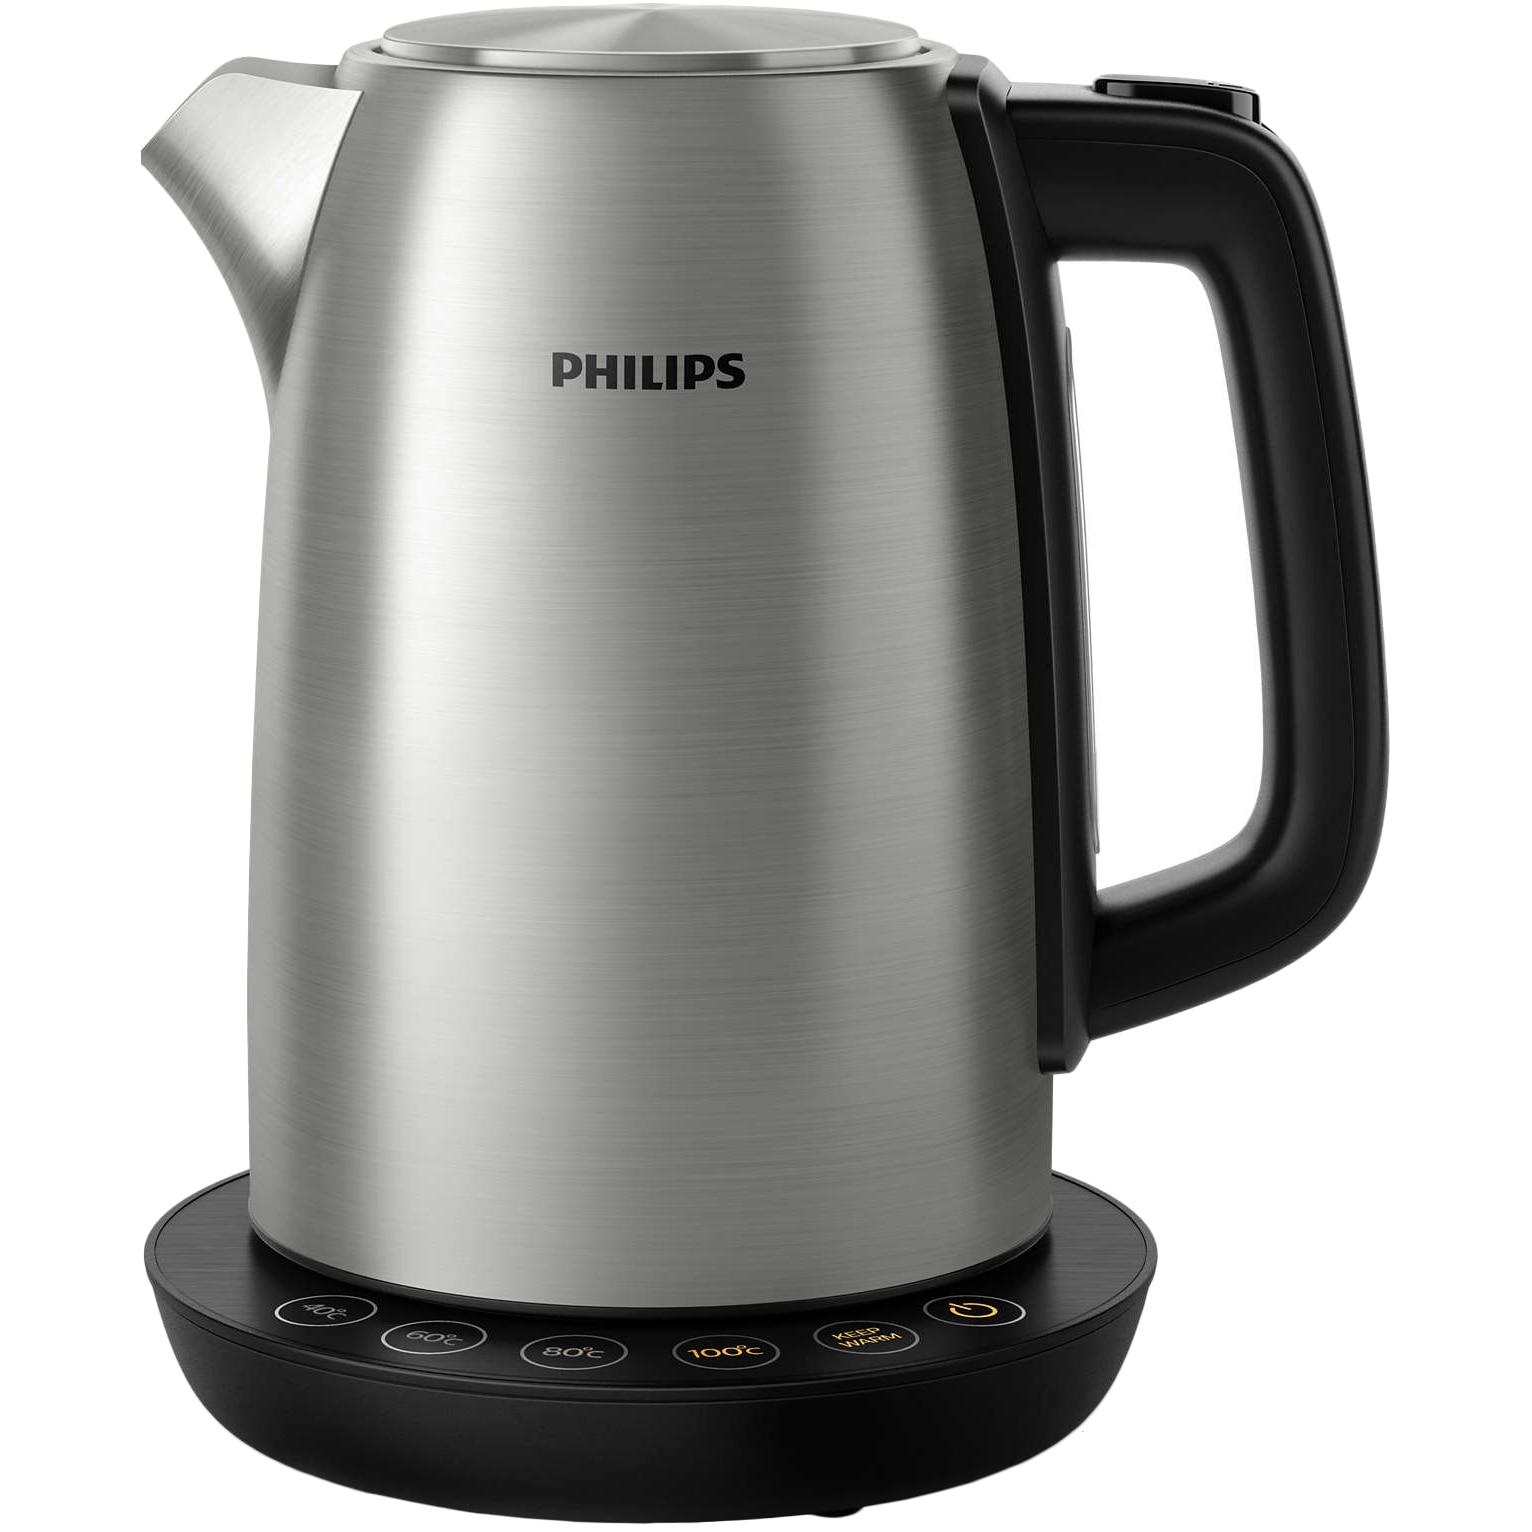 Fotografie Fierbator Philips HD9359/90, 2200 W, 1.7 L, control temperatura, Negru